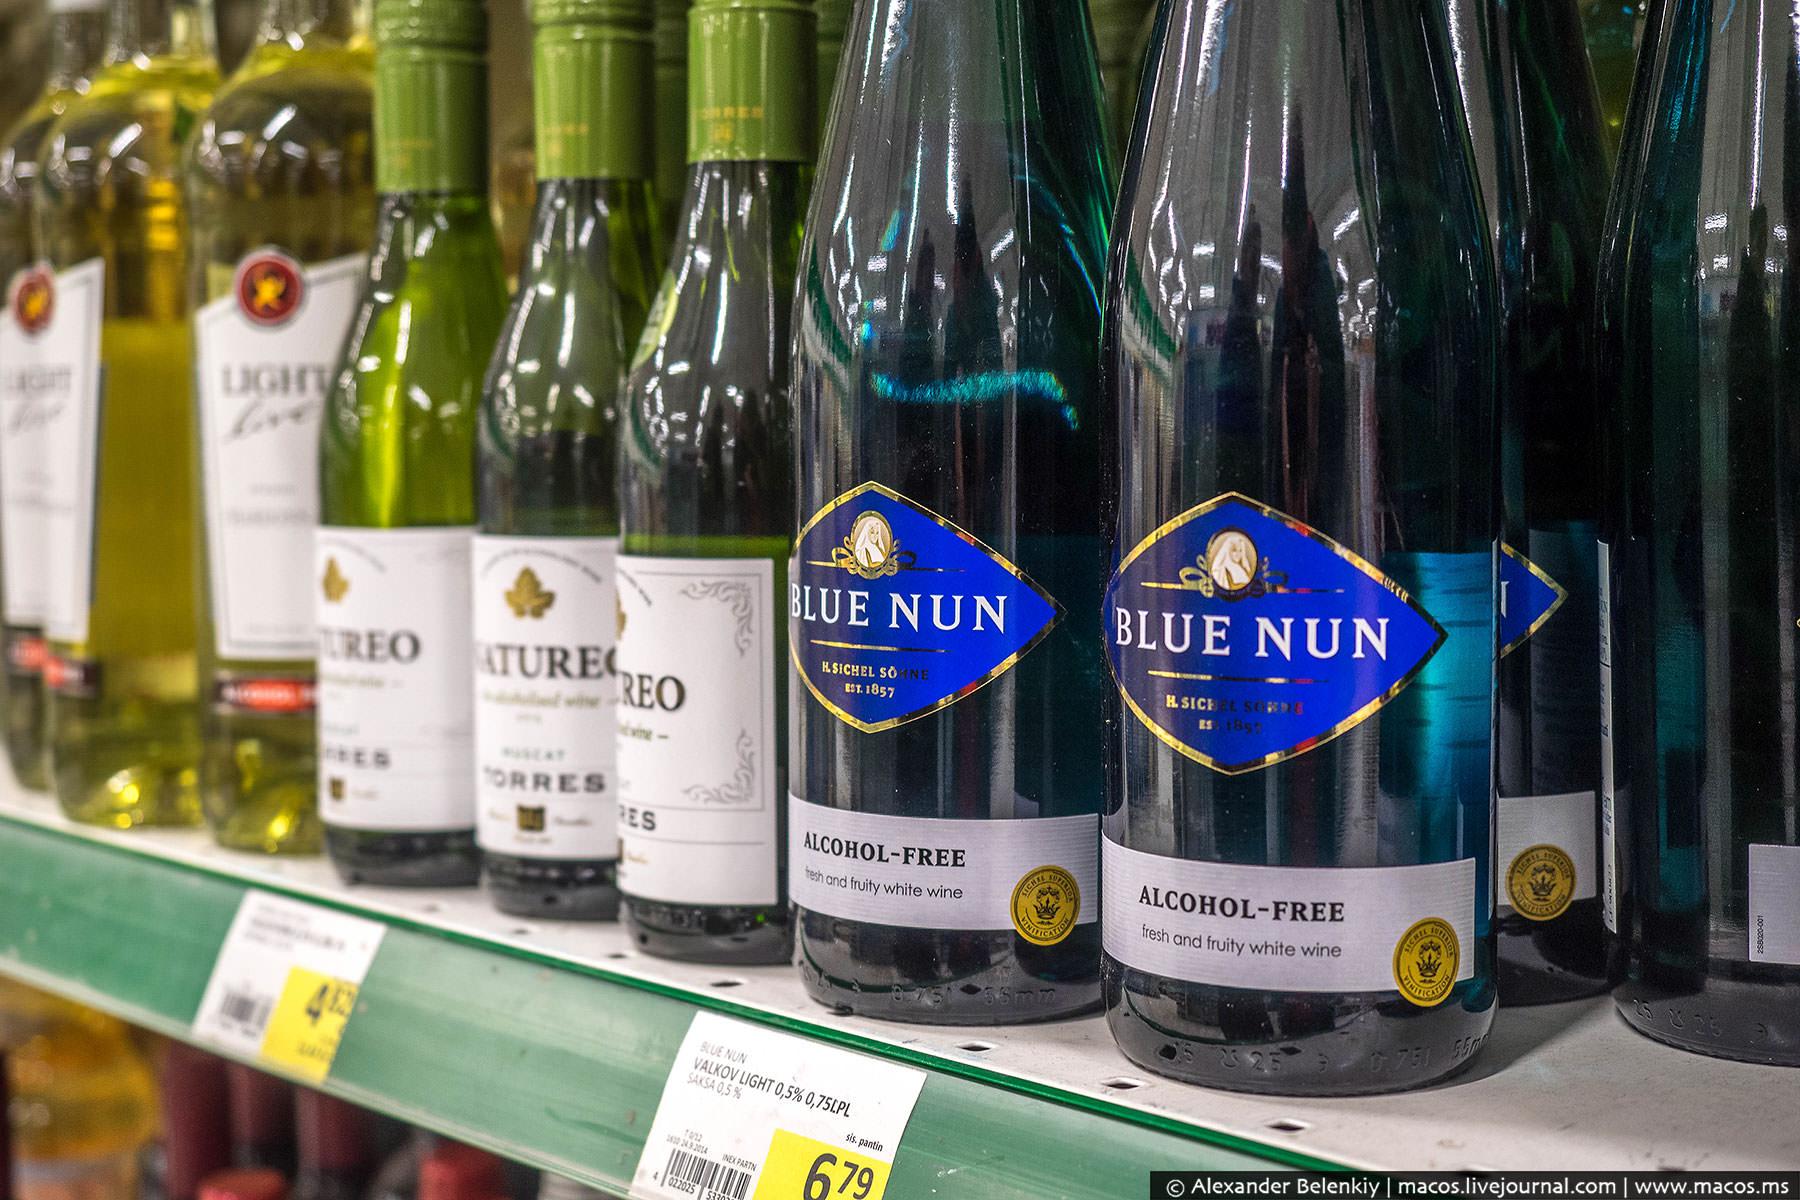 Алкогольный отдел… Что же пьют финны, какие у них национальные напитки? Безалкогольное вино! Б